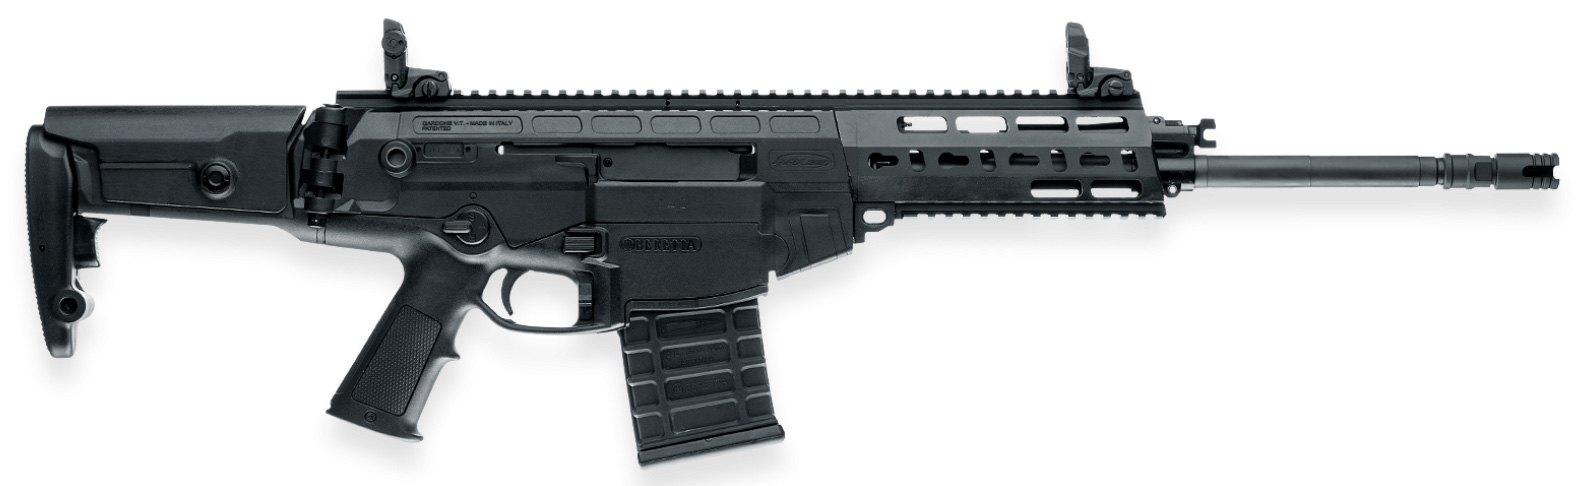 Beretta ARX 200